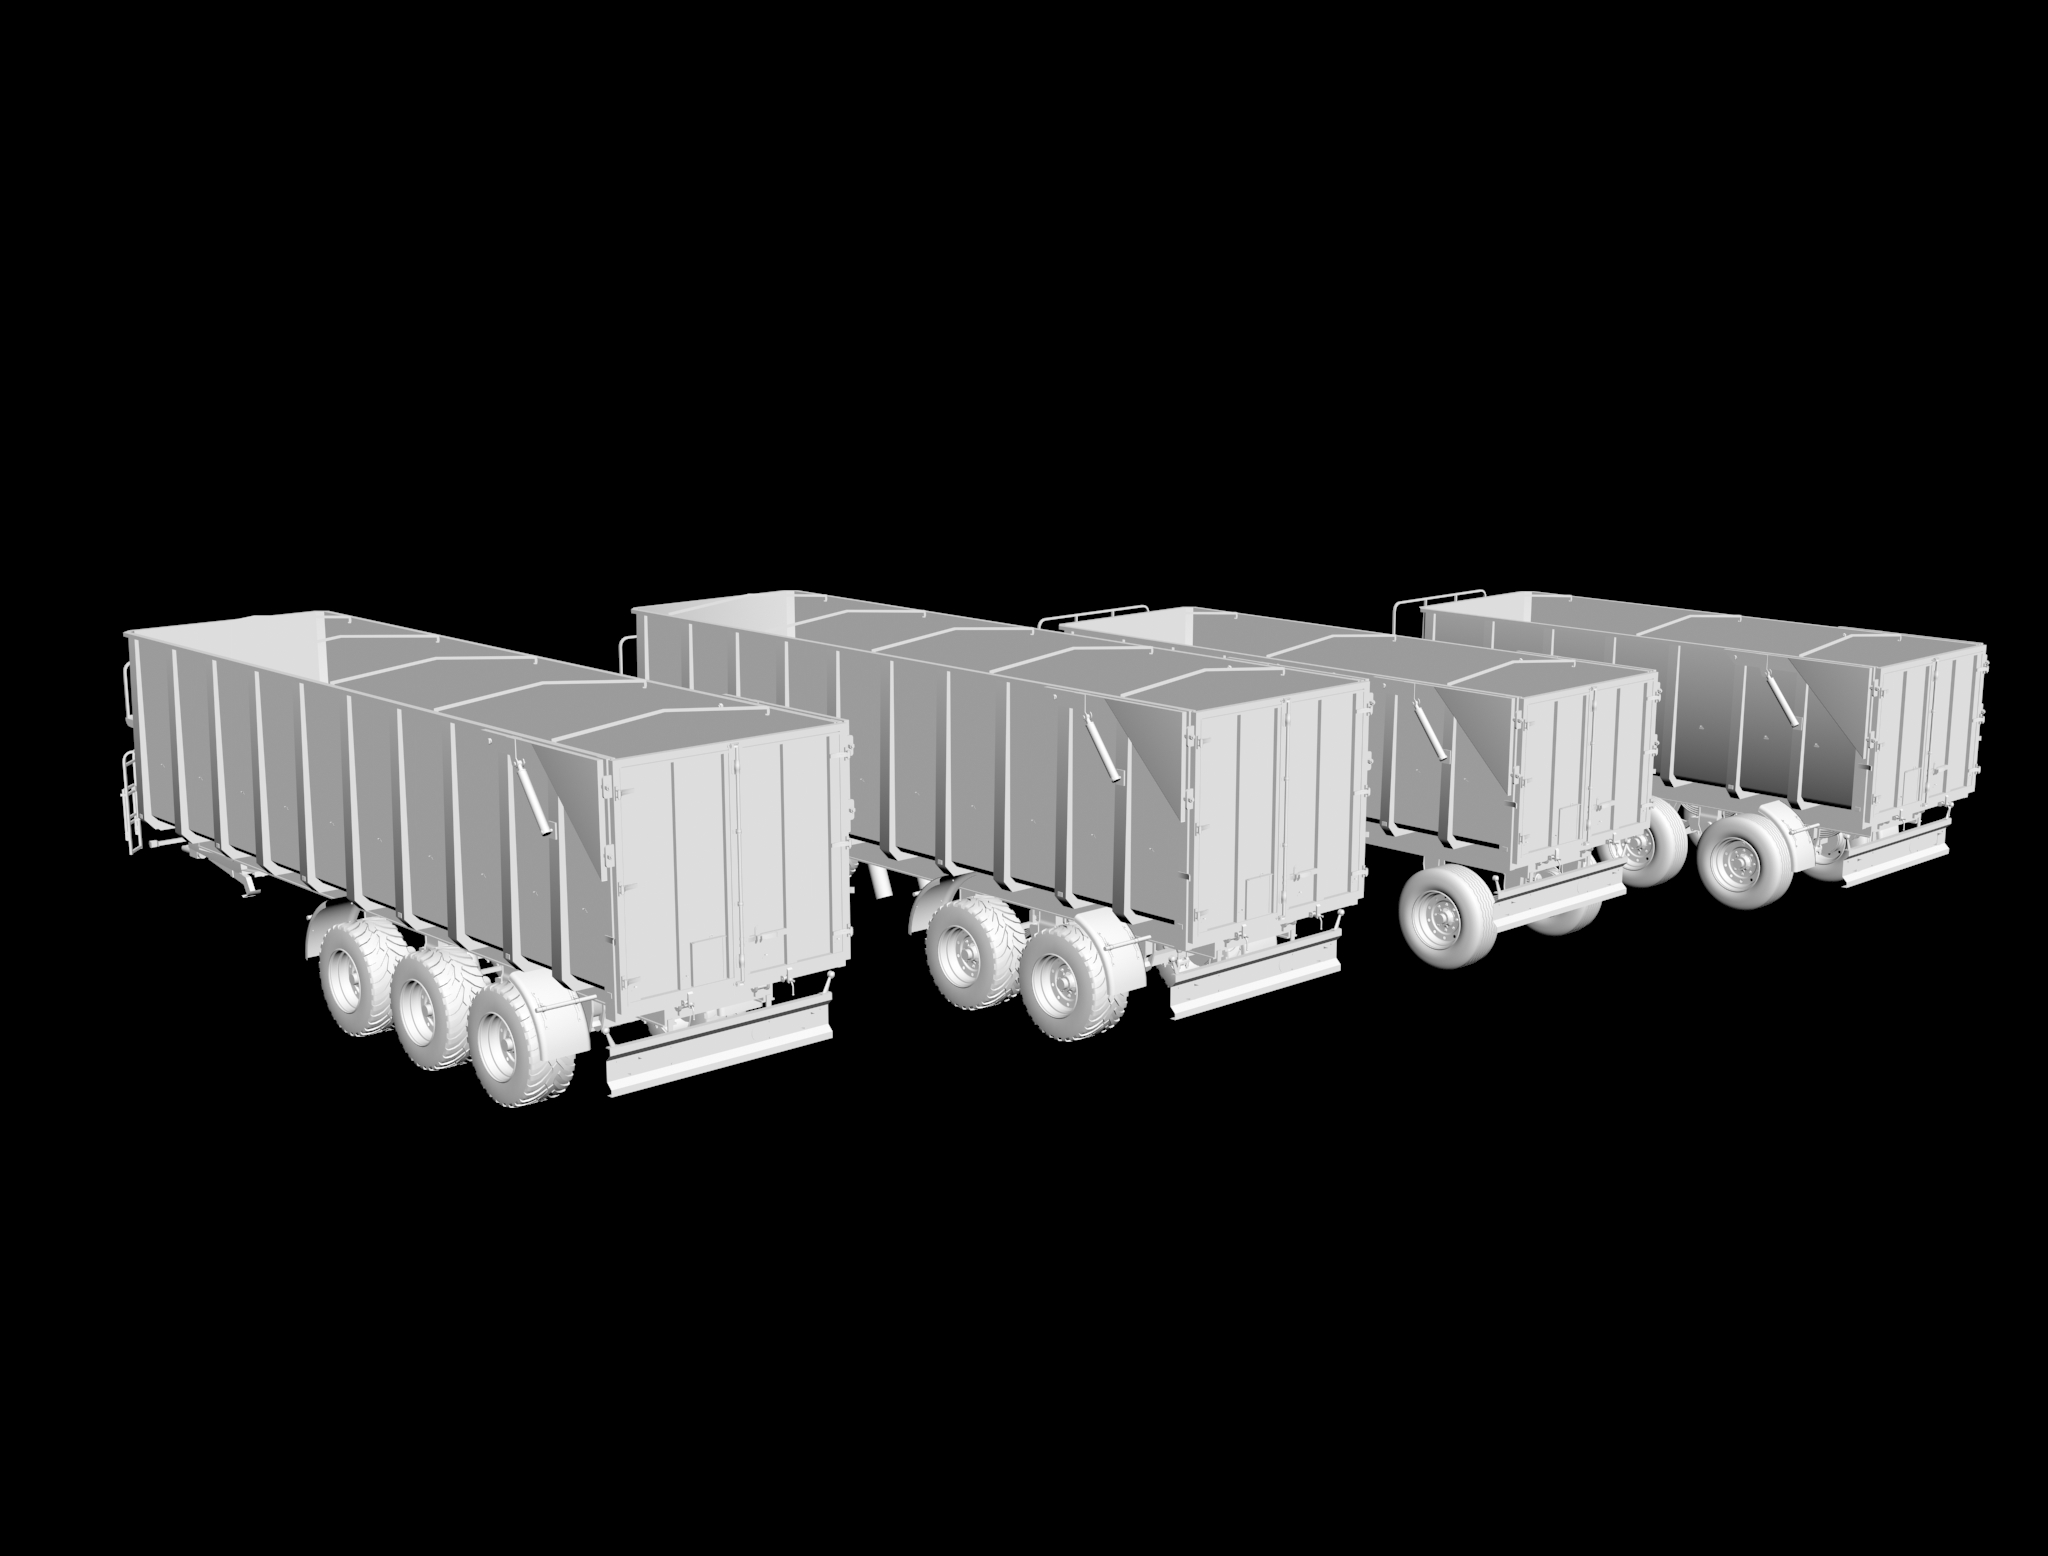 [Encuesta][T.E.P.] Proyecto Aguas Tenias (22 modelos + 1 Camión) [Terminado 21-4-2014]. - Página 2 27zlx9q